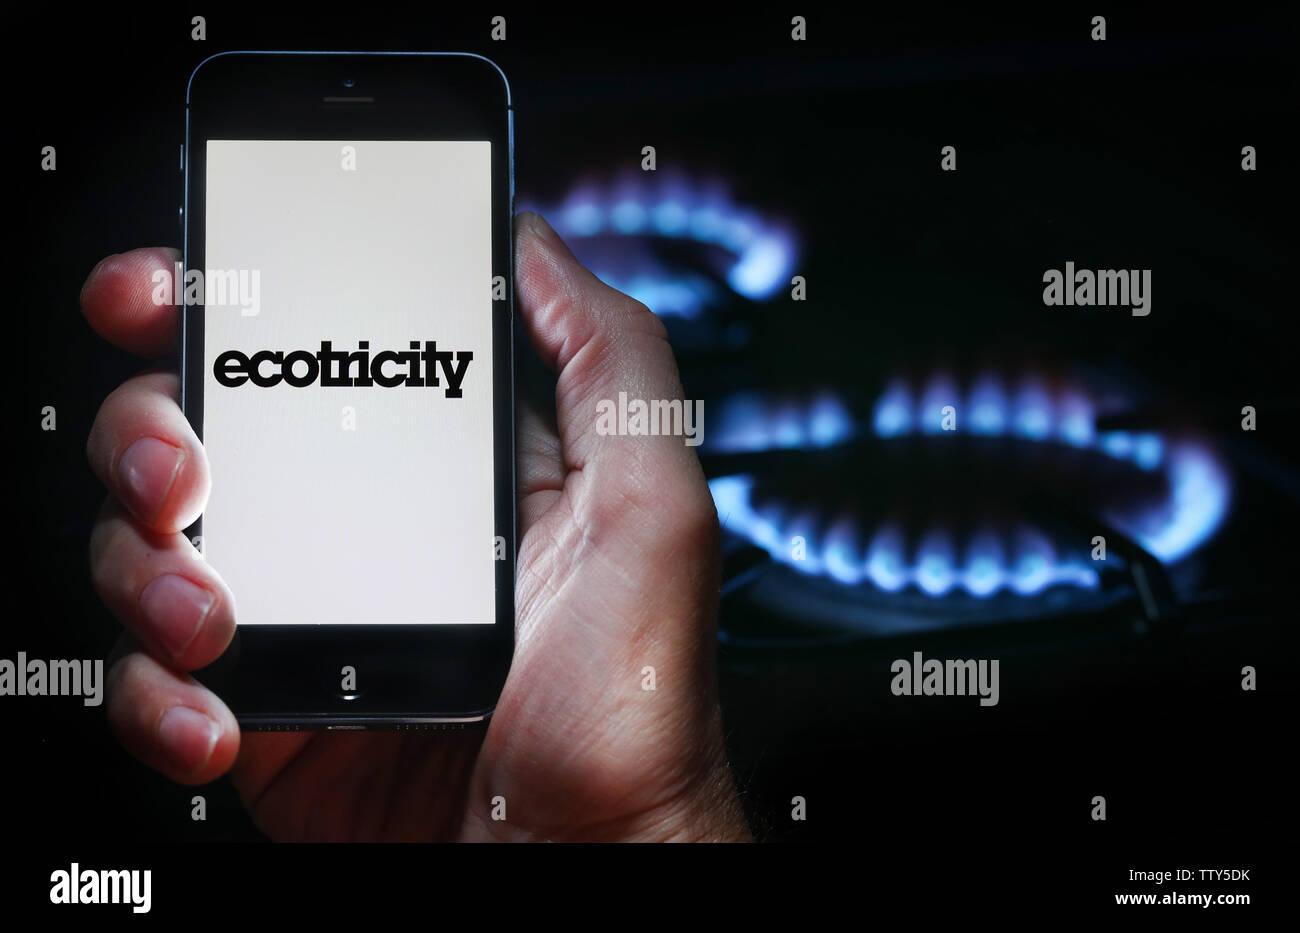 Un hombre mirando el logotipo del sitio web de la compañía de energía Ecotricity sobre su teléfono en frente de su cocina de gas (uso editorial solamente) Imagen De Stock